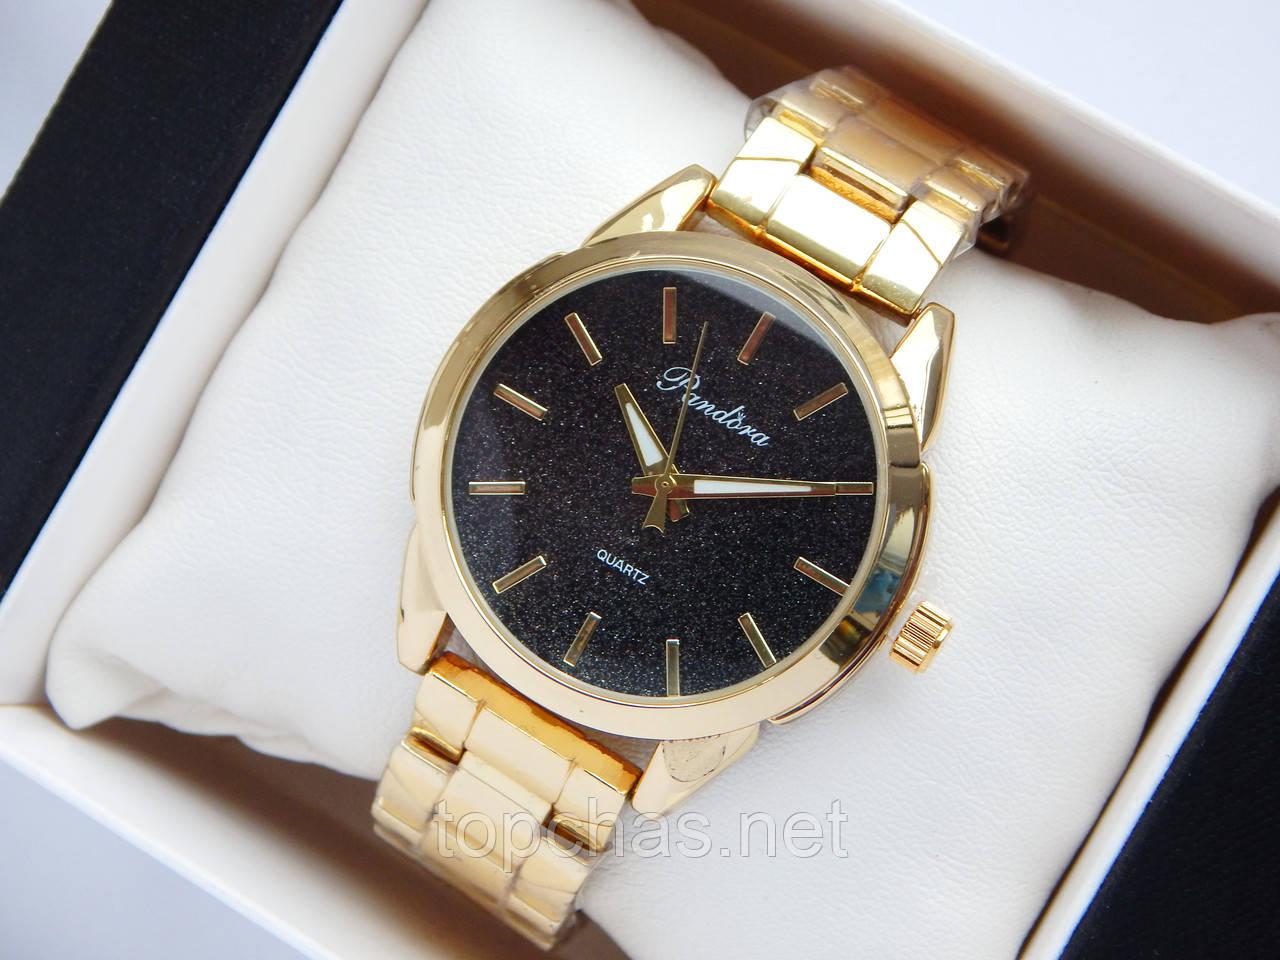 Наручные часы состоят из циферблата и мужские часы maurice lacroix купить